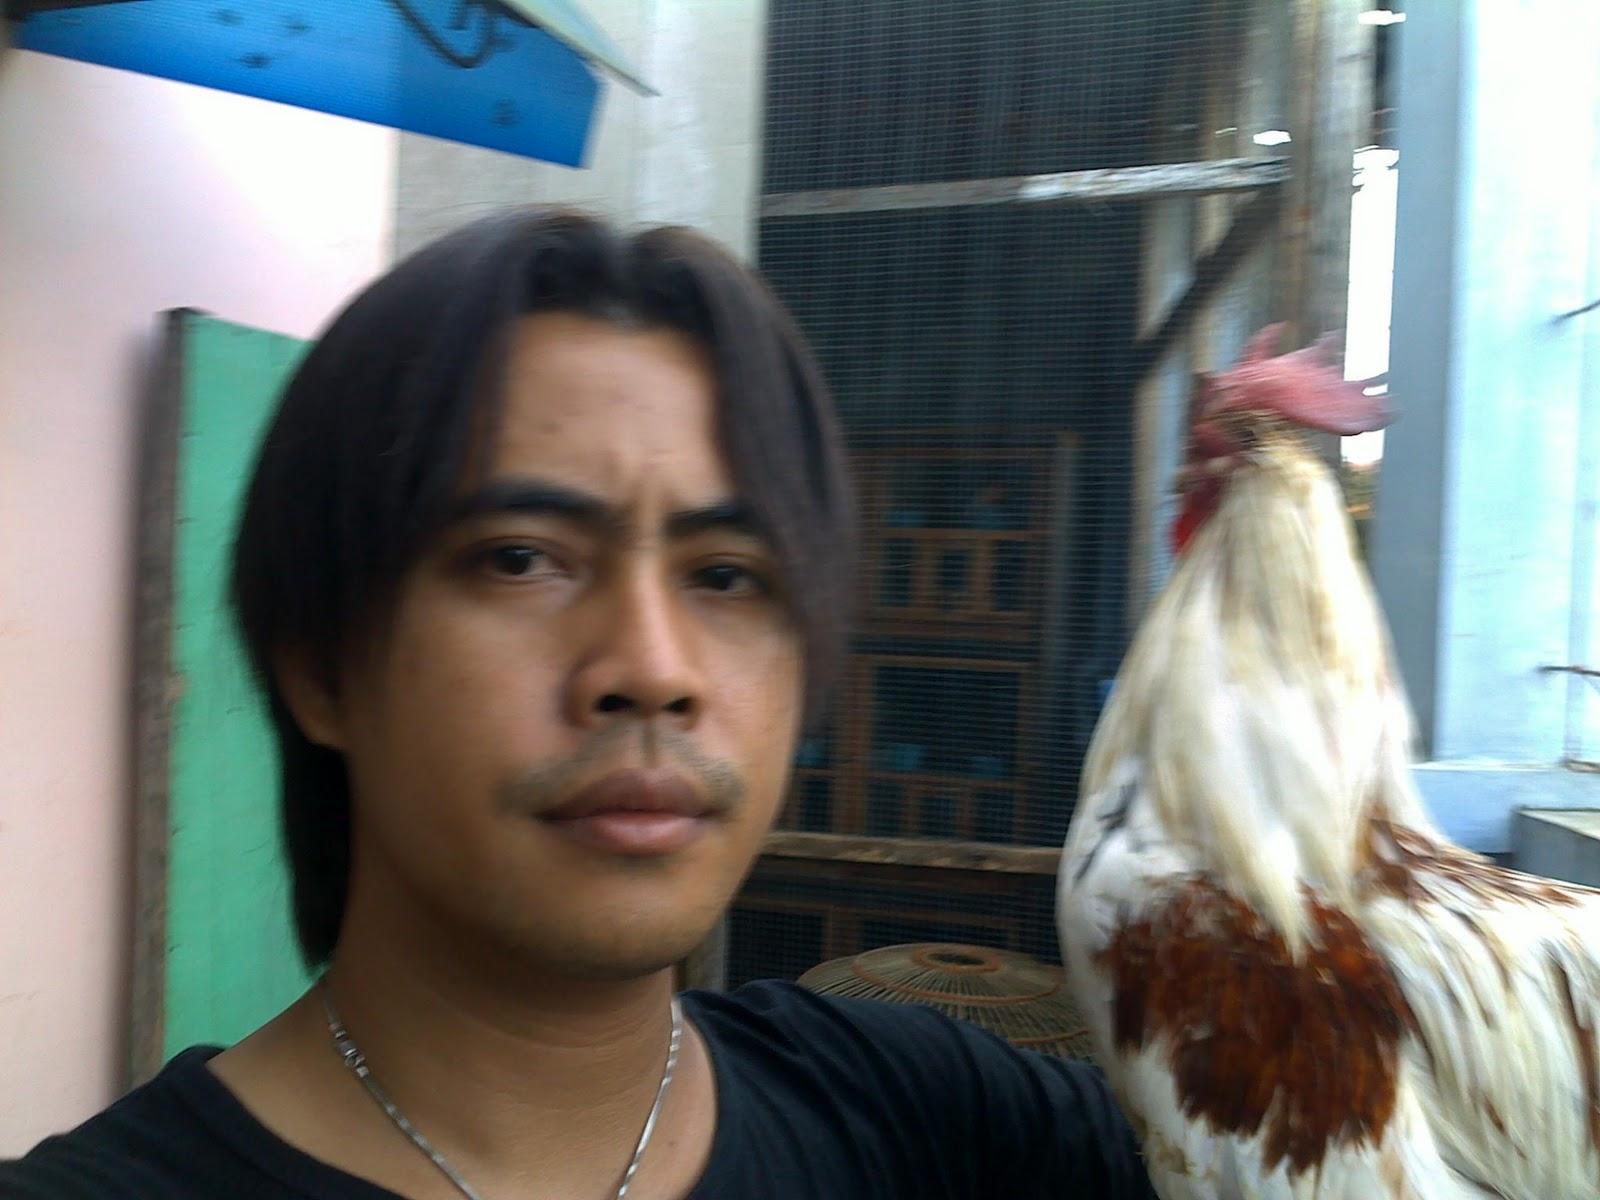 Indikator forex kandang ayam aduan